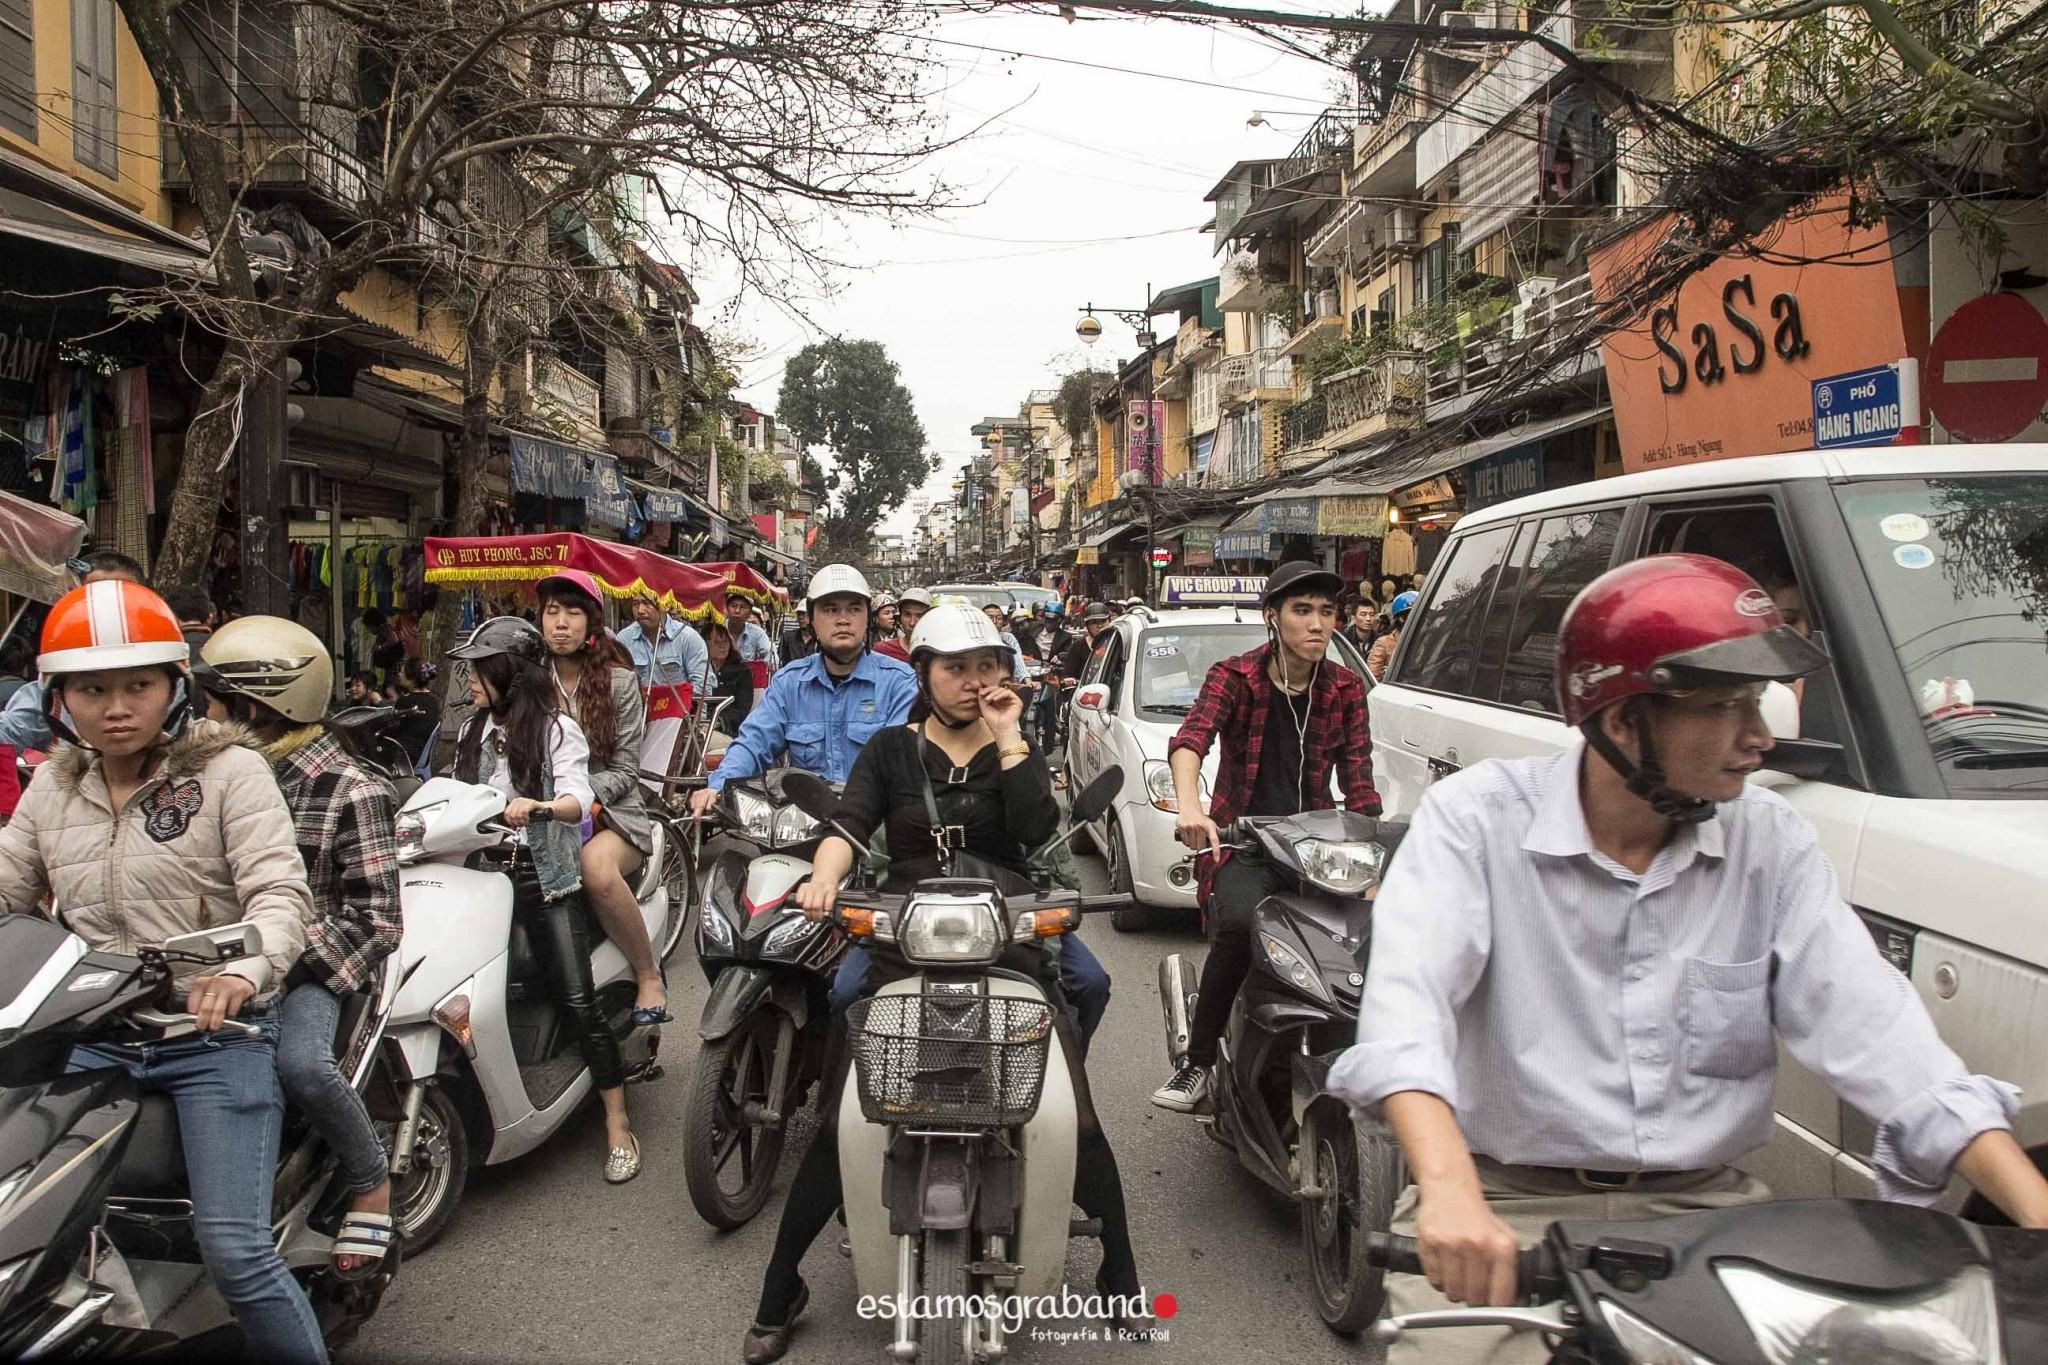 reportaje-vietnam_fotograficc81a-vietnam_estamosgrabando-vietnam_rutasvietnam_reportaje-retratos-fotos-vietnam_fotografia-vietnam_reportaje-estamosgrabando-fotograficc81a-vietnam-71 Pequeños grandes recuerdos de Vietnam en 100 imágenes - video boda cadiz